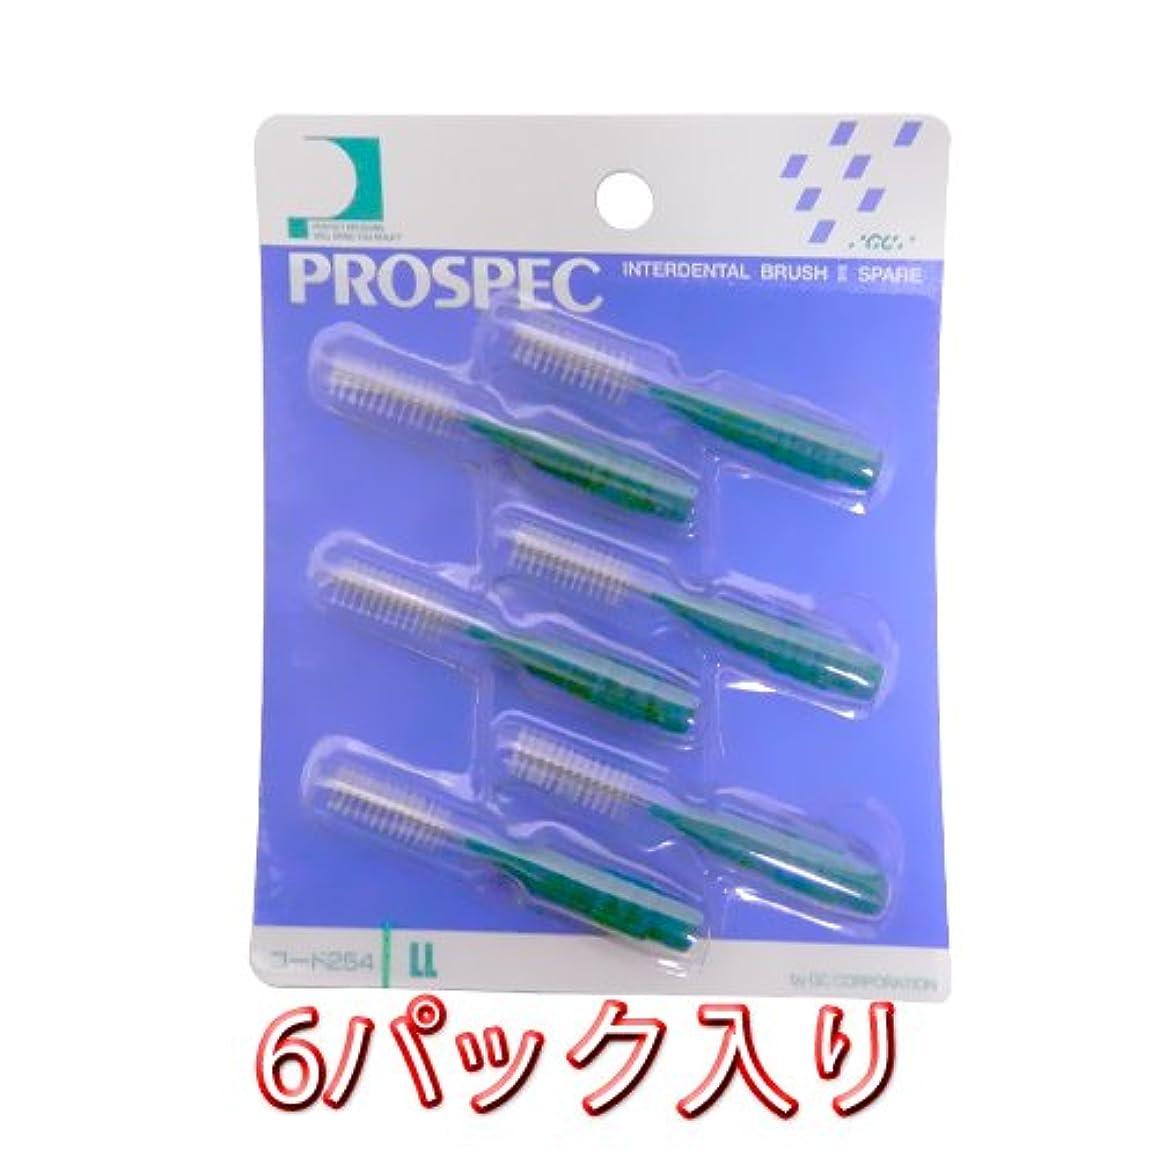 早く日曜日労働者プロスペック 歯間ブラシ 2スペアー ブラシのみ6本入 × 6パック LL グリーン